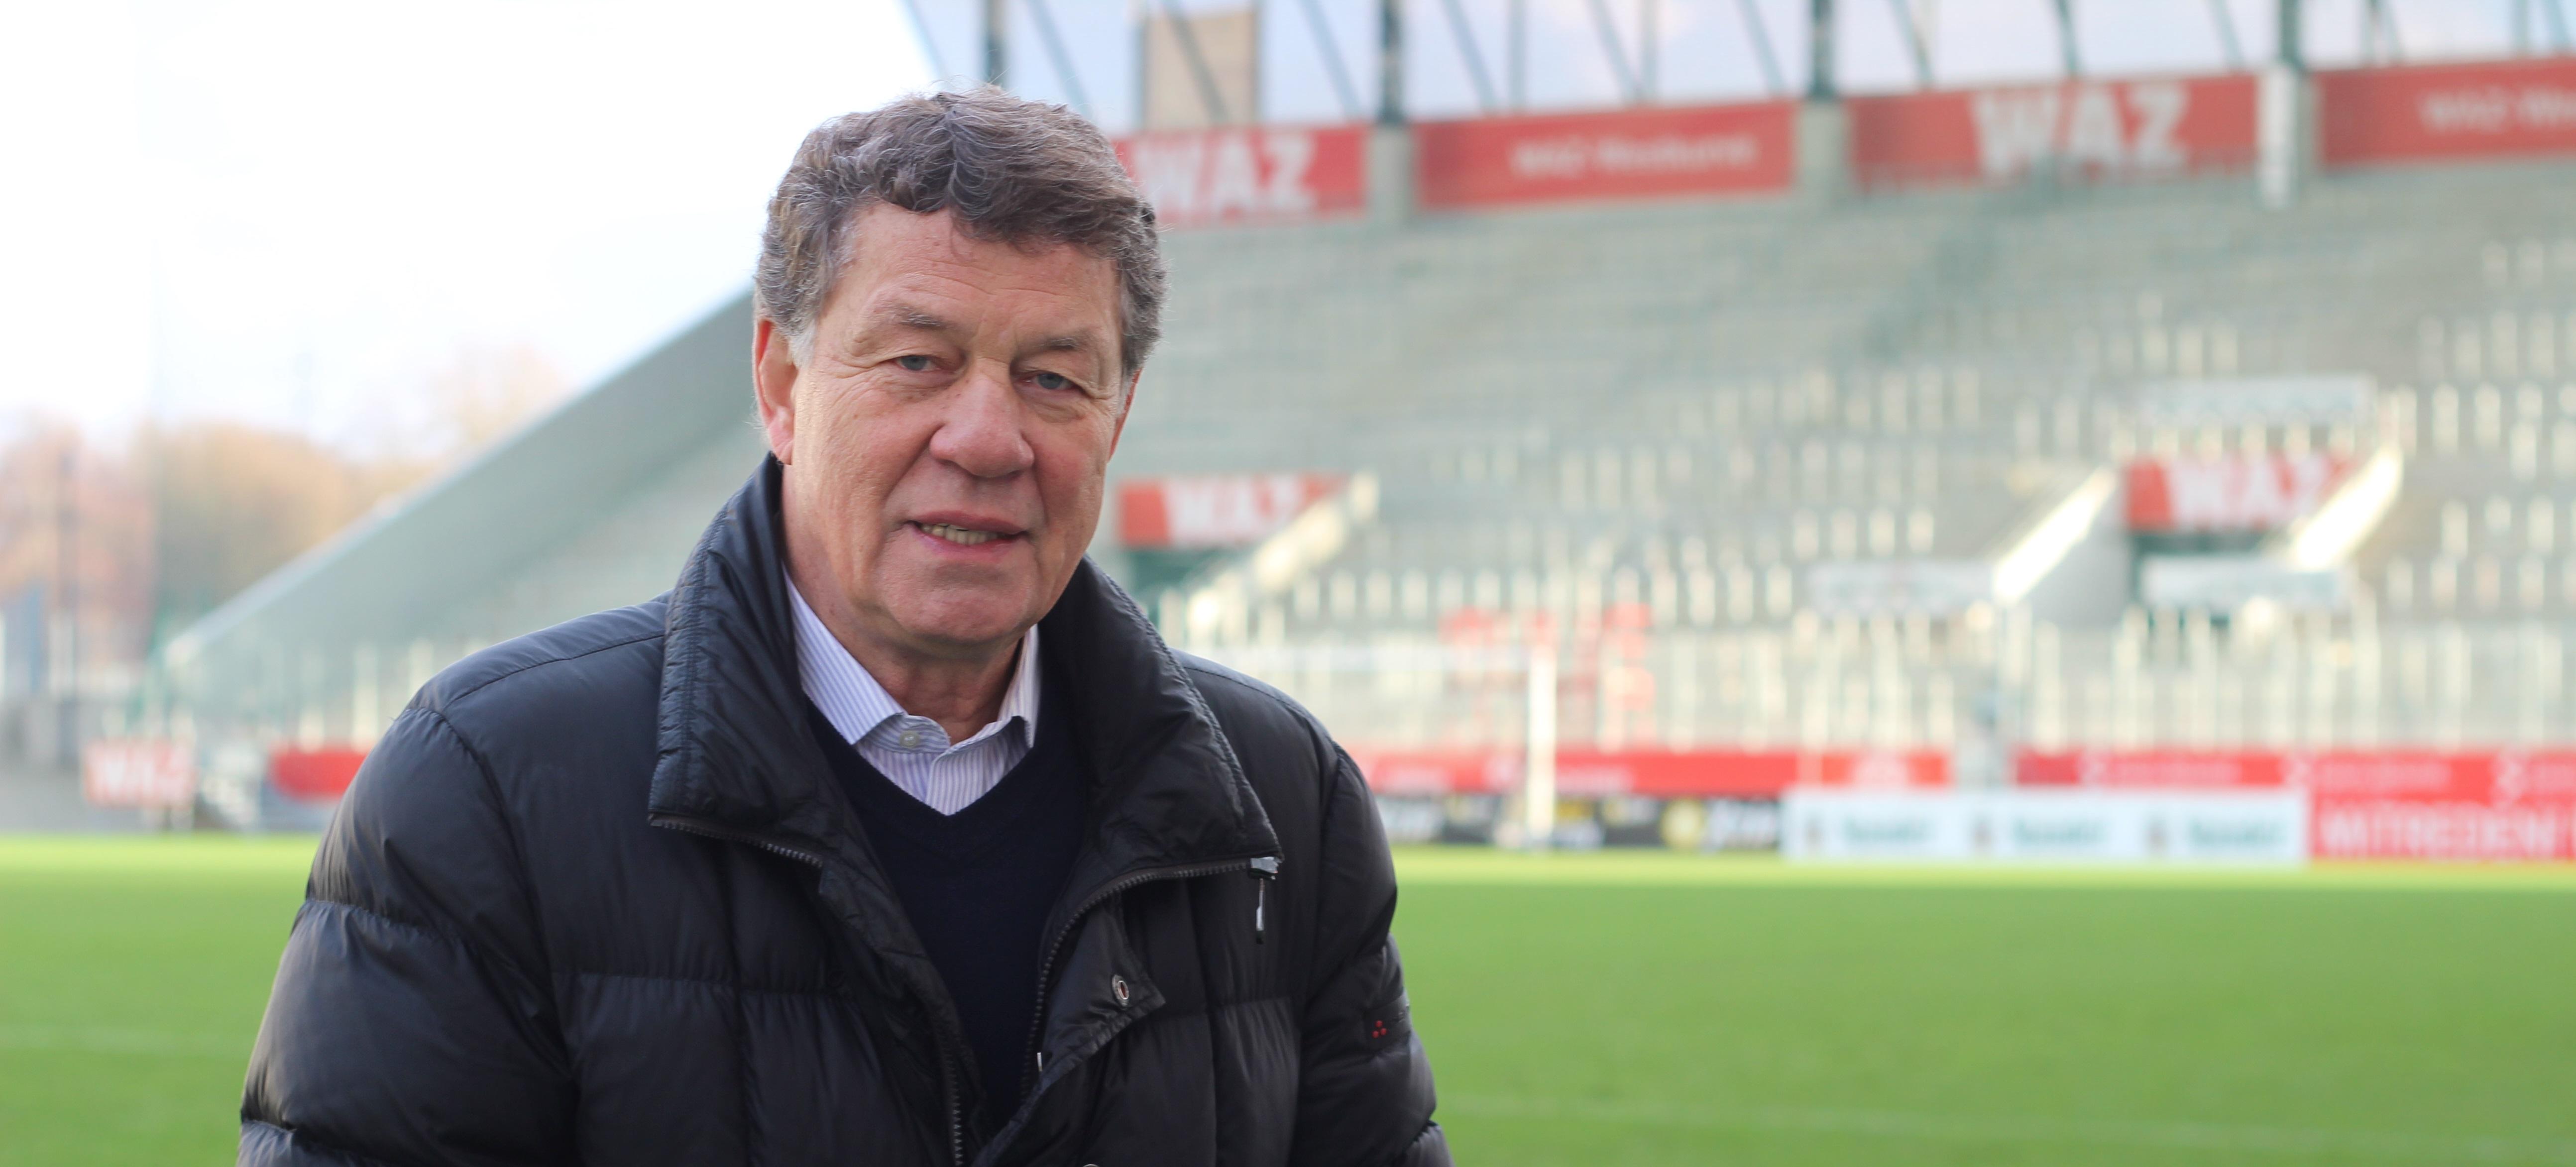 Otto Rehhagel schwört die Traditionsmannschaften von Rot-Weiss Essen und Werder Bremen am 20. Juli auf das Duell ein.